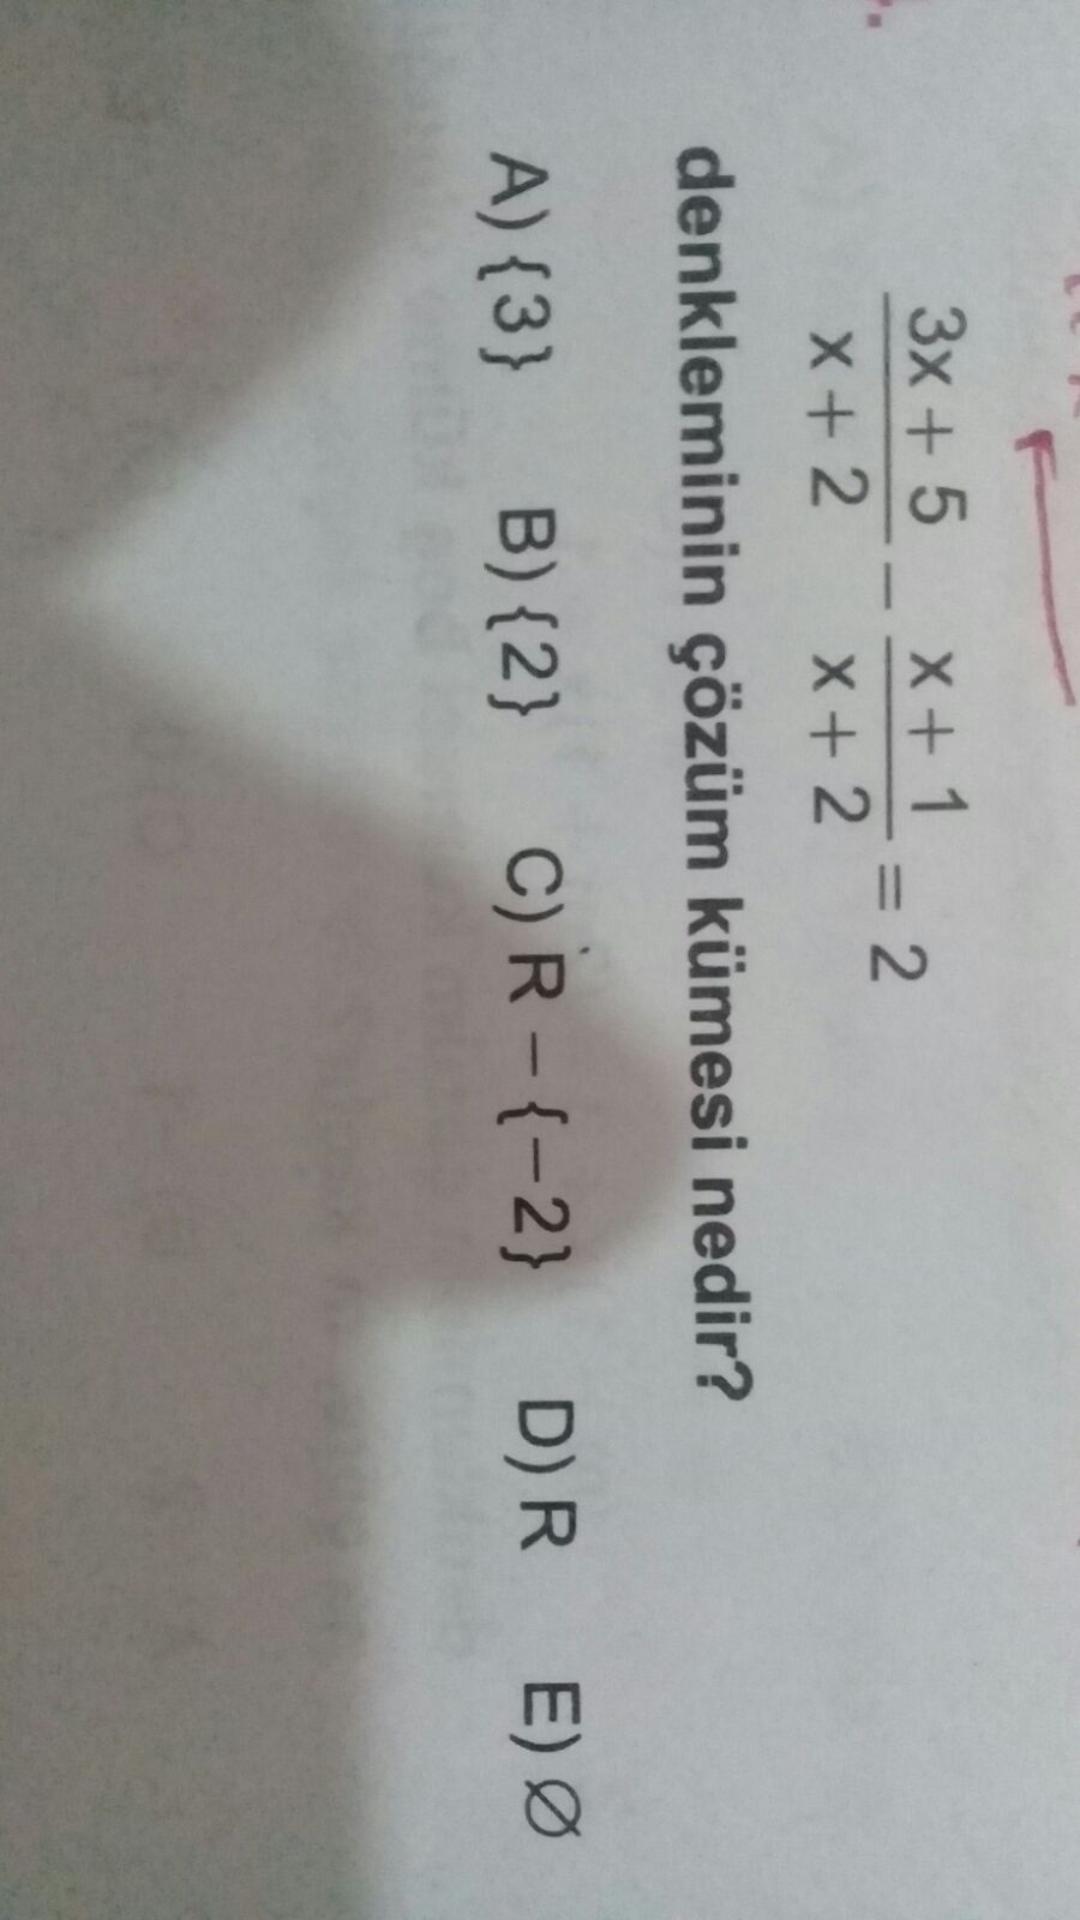 3x+5 (çözüm kumesi)